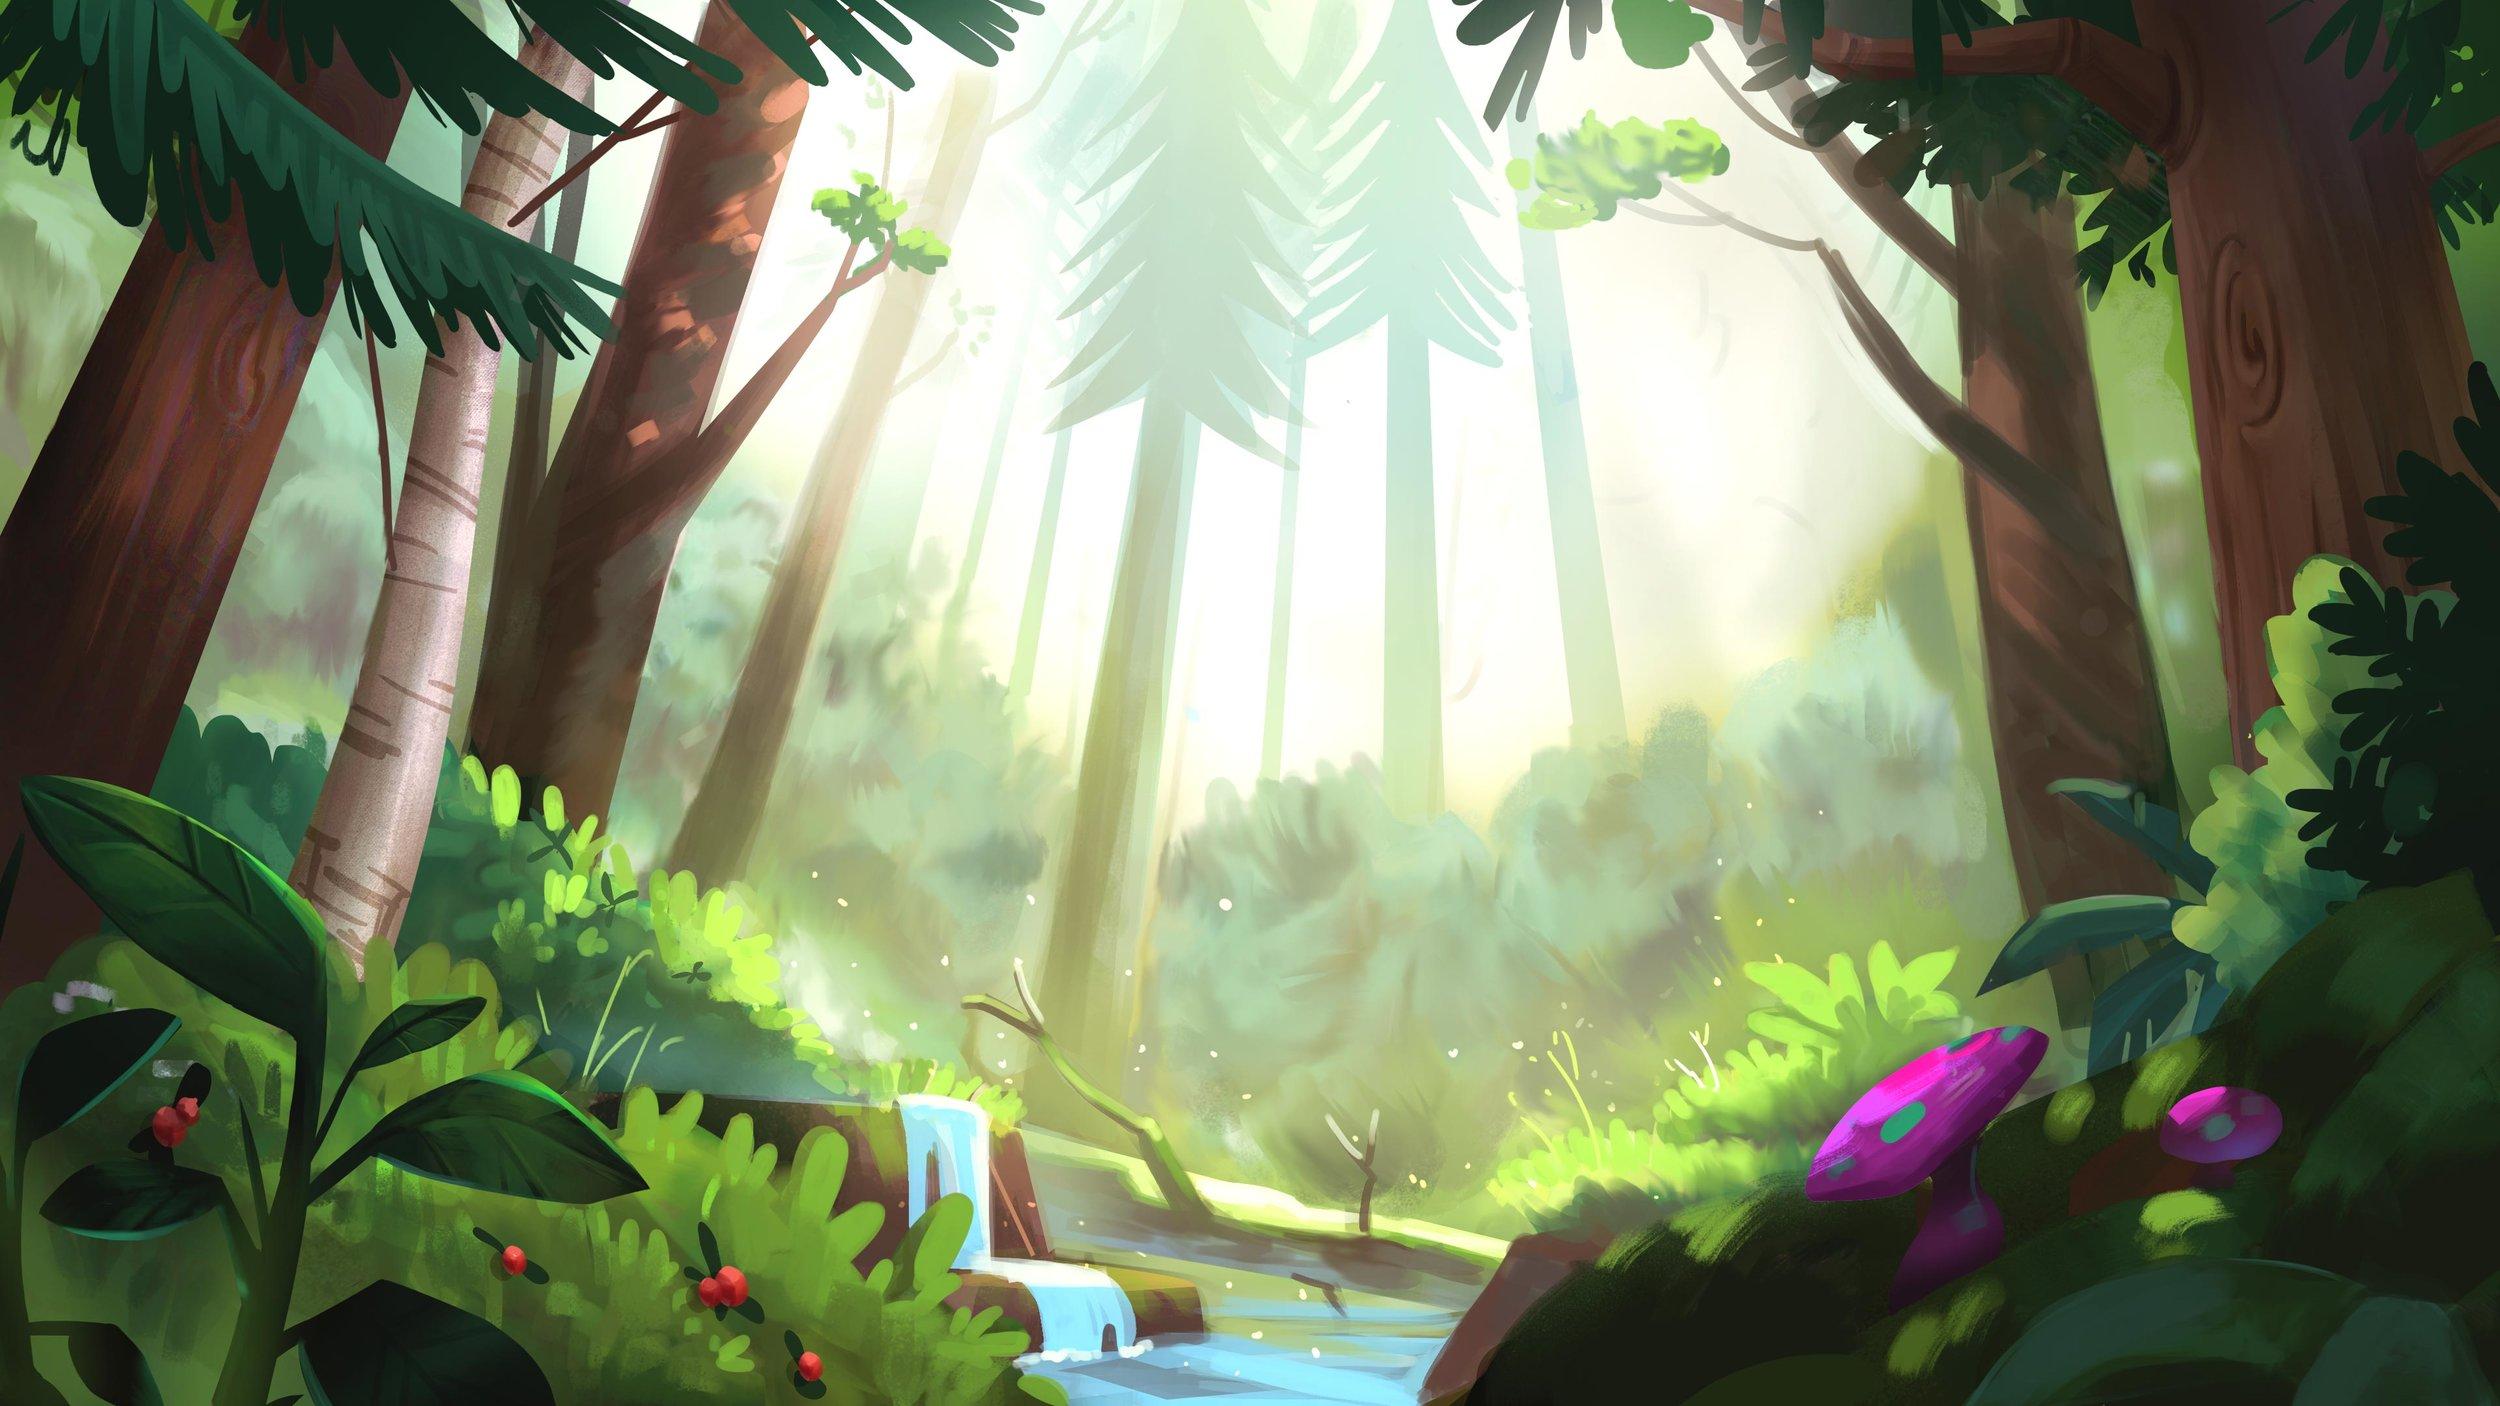 UI_exercise_forest_mg_v02.jpg